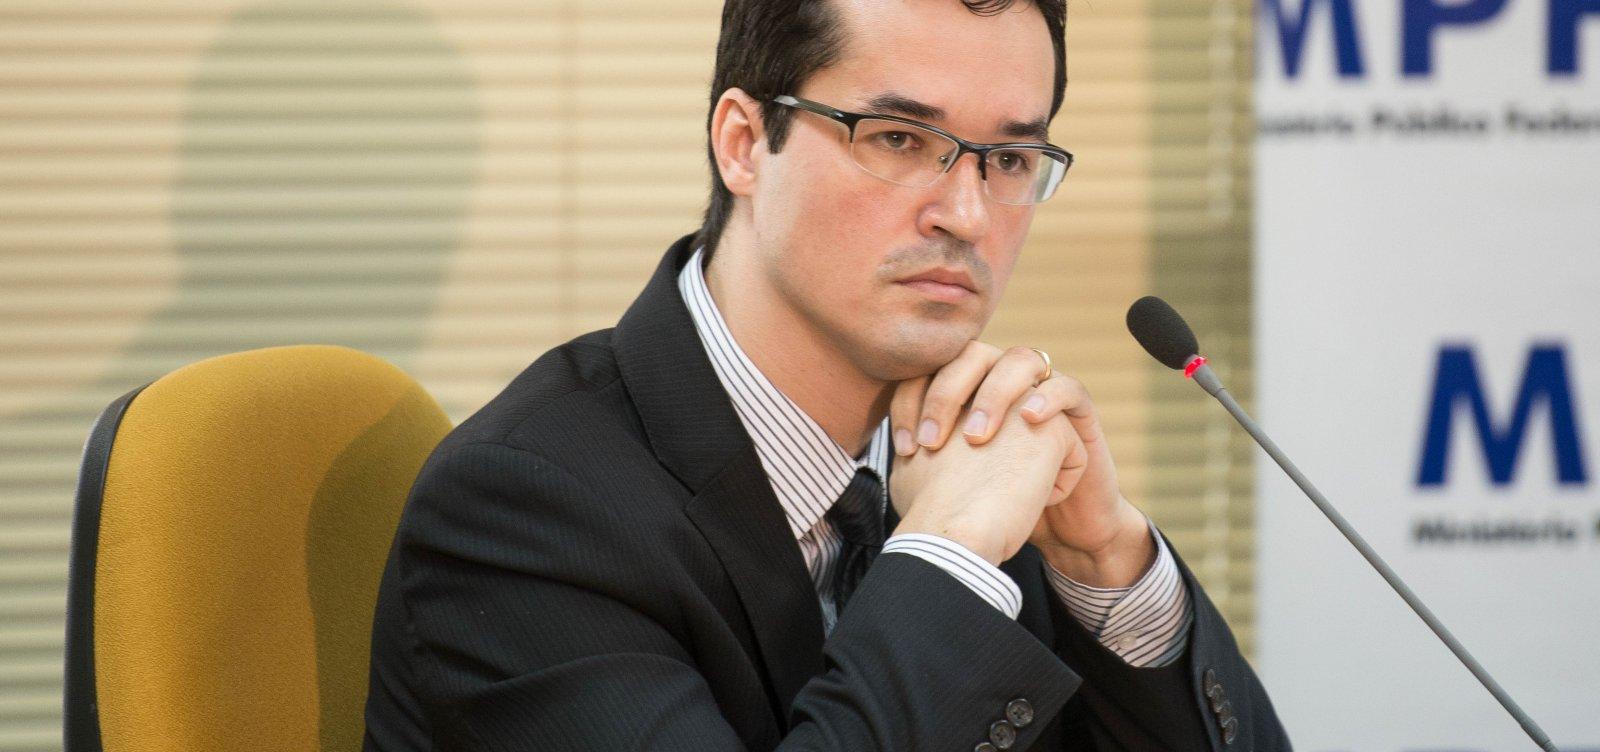 Dallagnol avalia decisão de Moro como 'positiva' e critica acusações